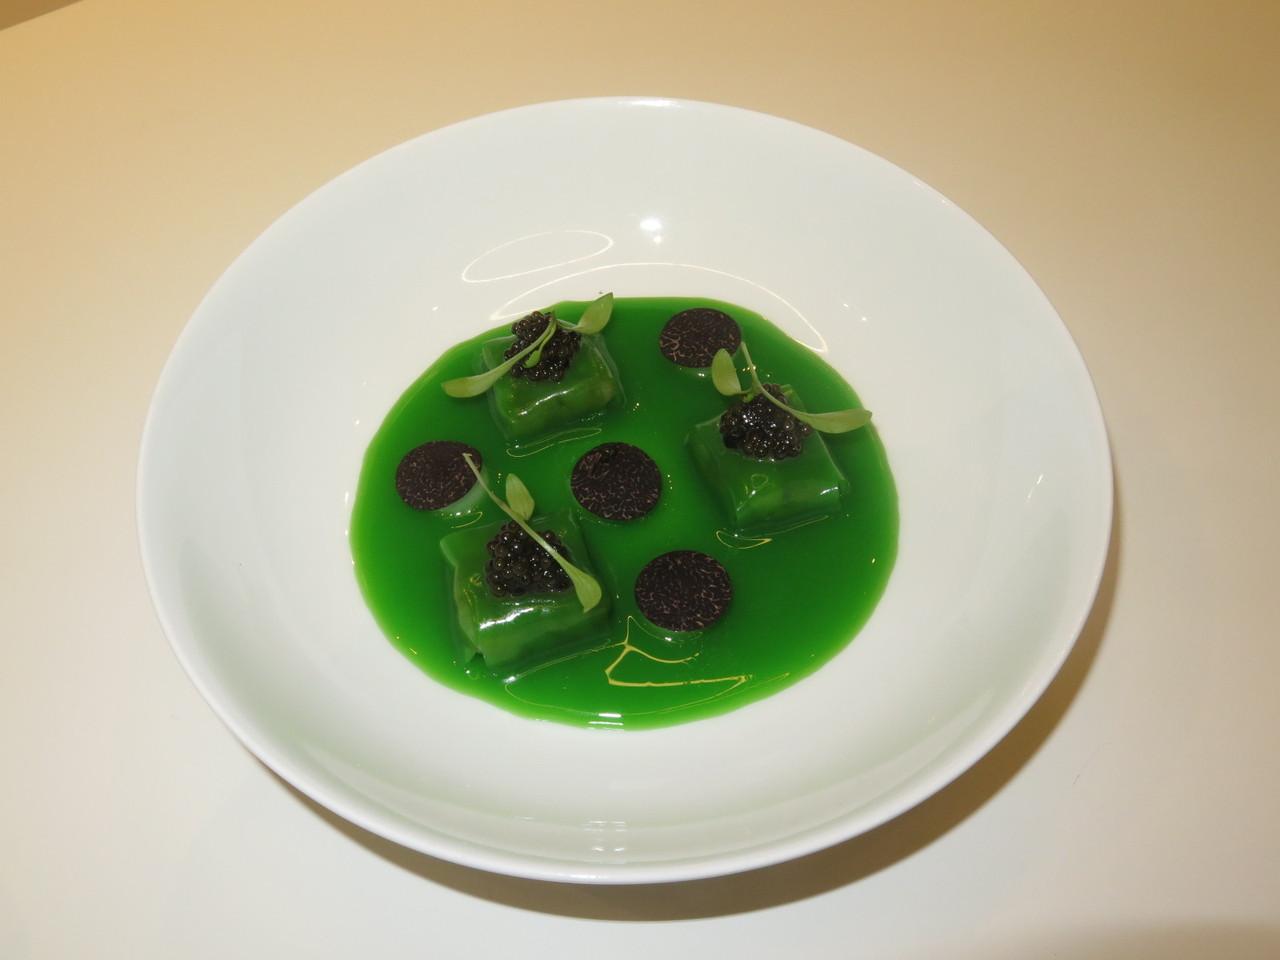 Feijão-verde, batatas-trufadas, caviar, trufa negra